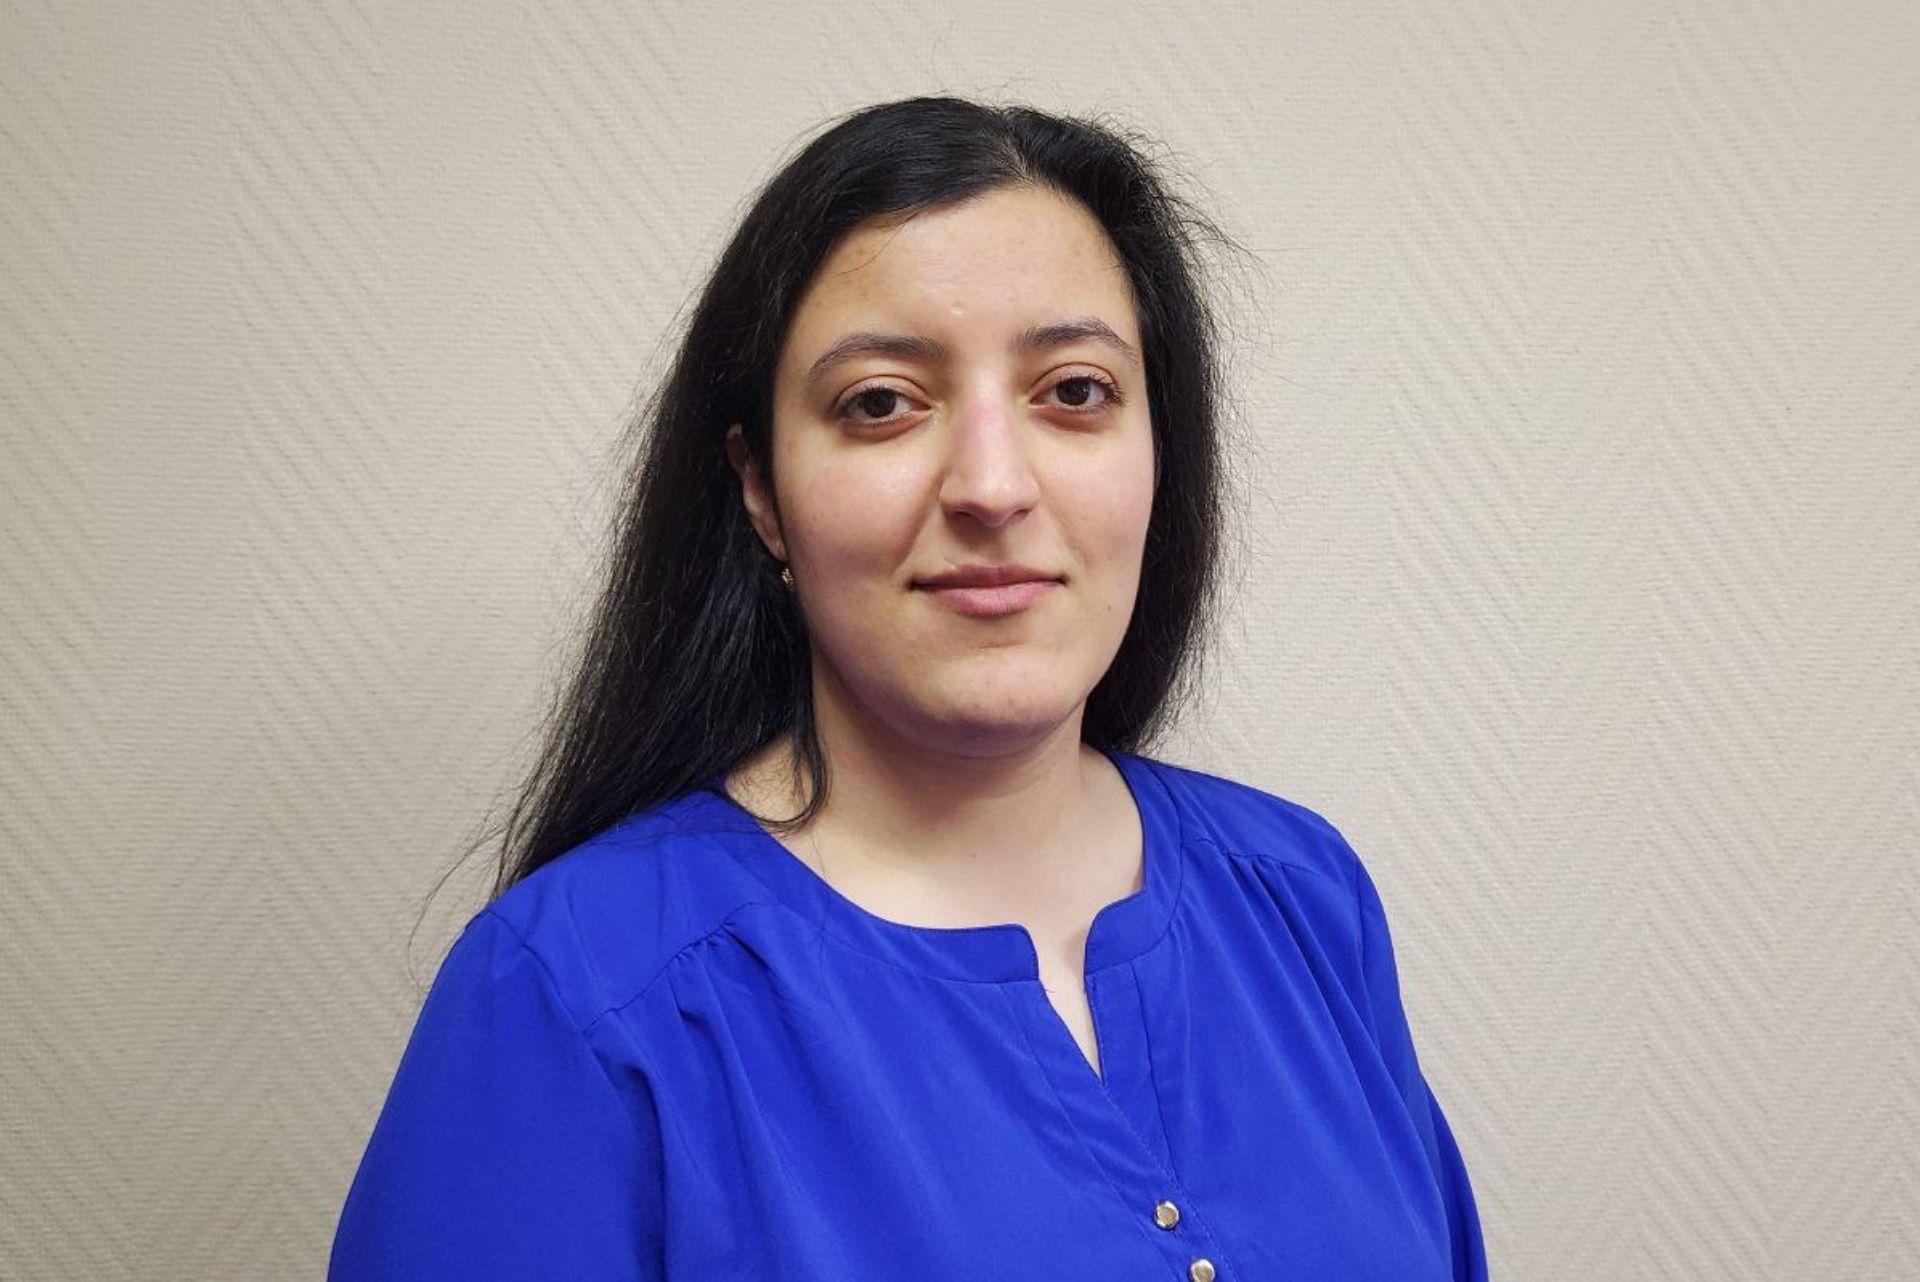 Санамян Марианна  бухгалтер,  стаж 4 года